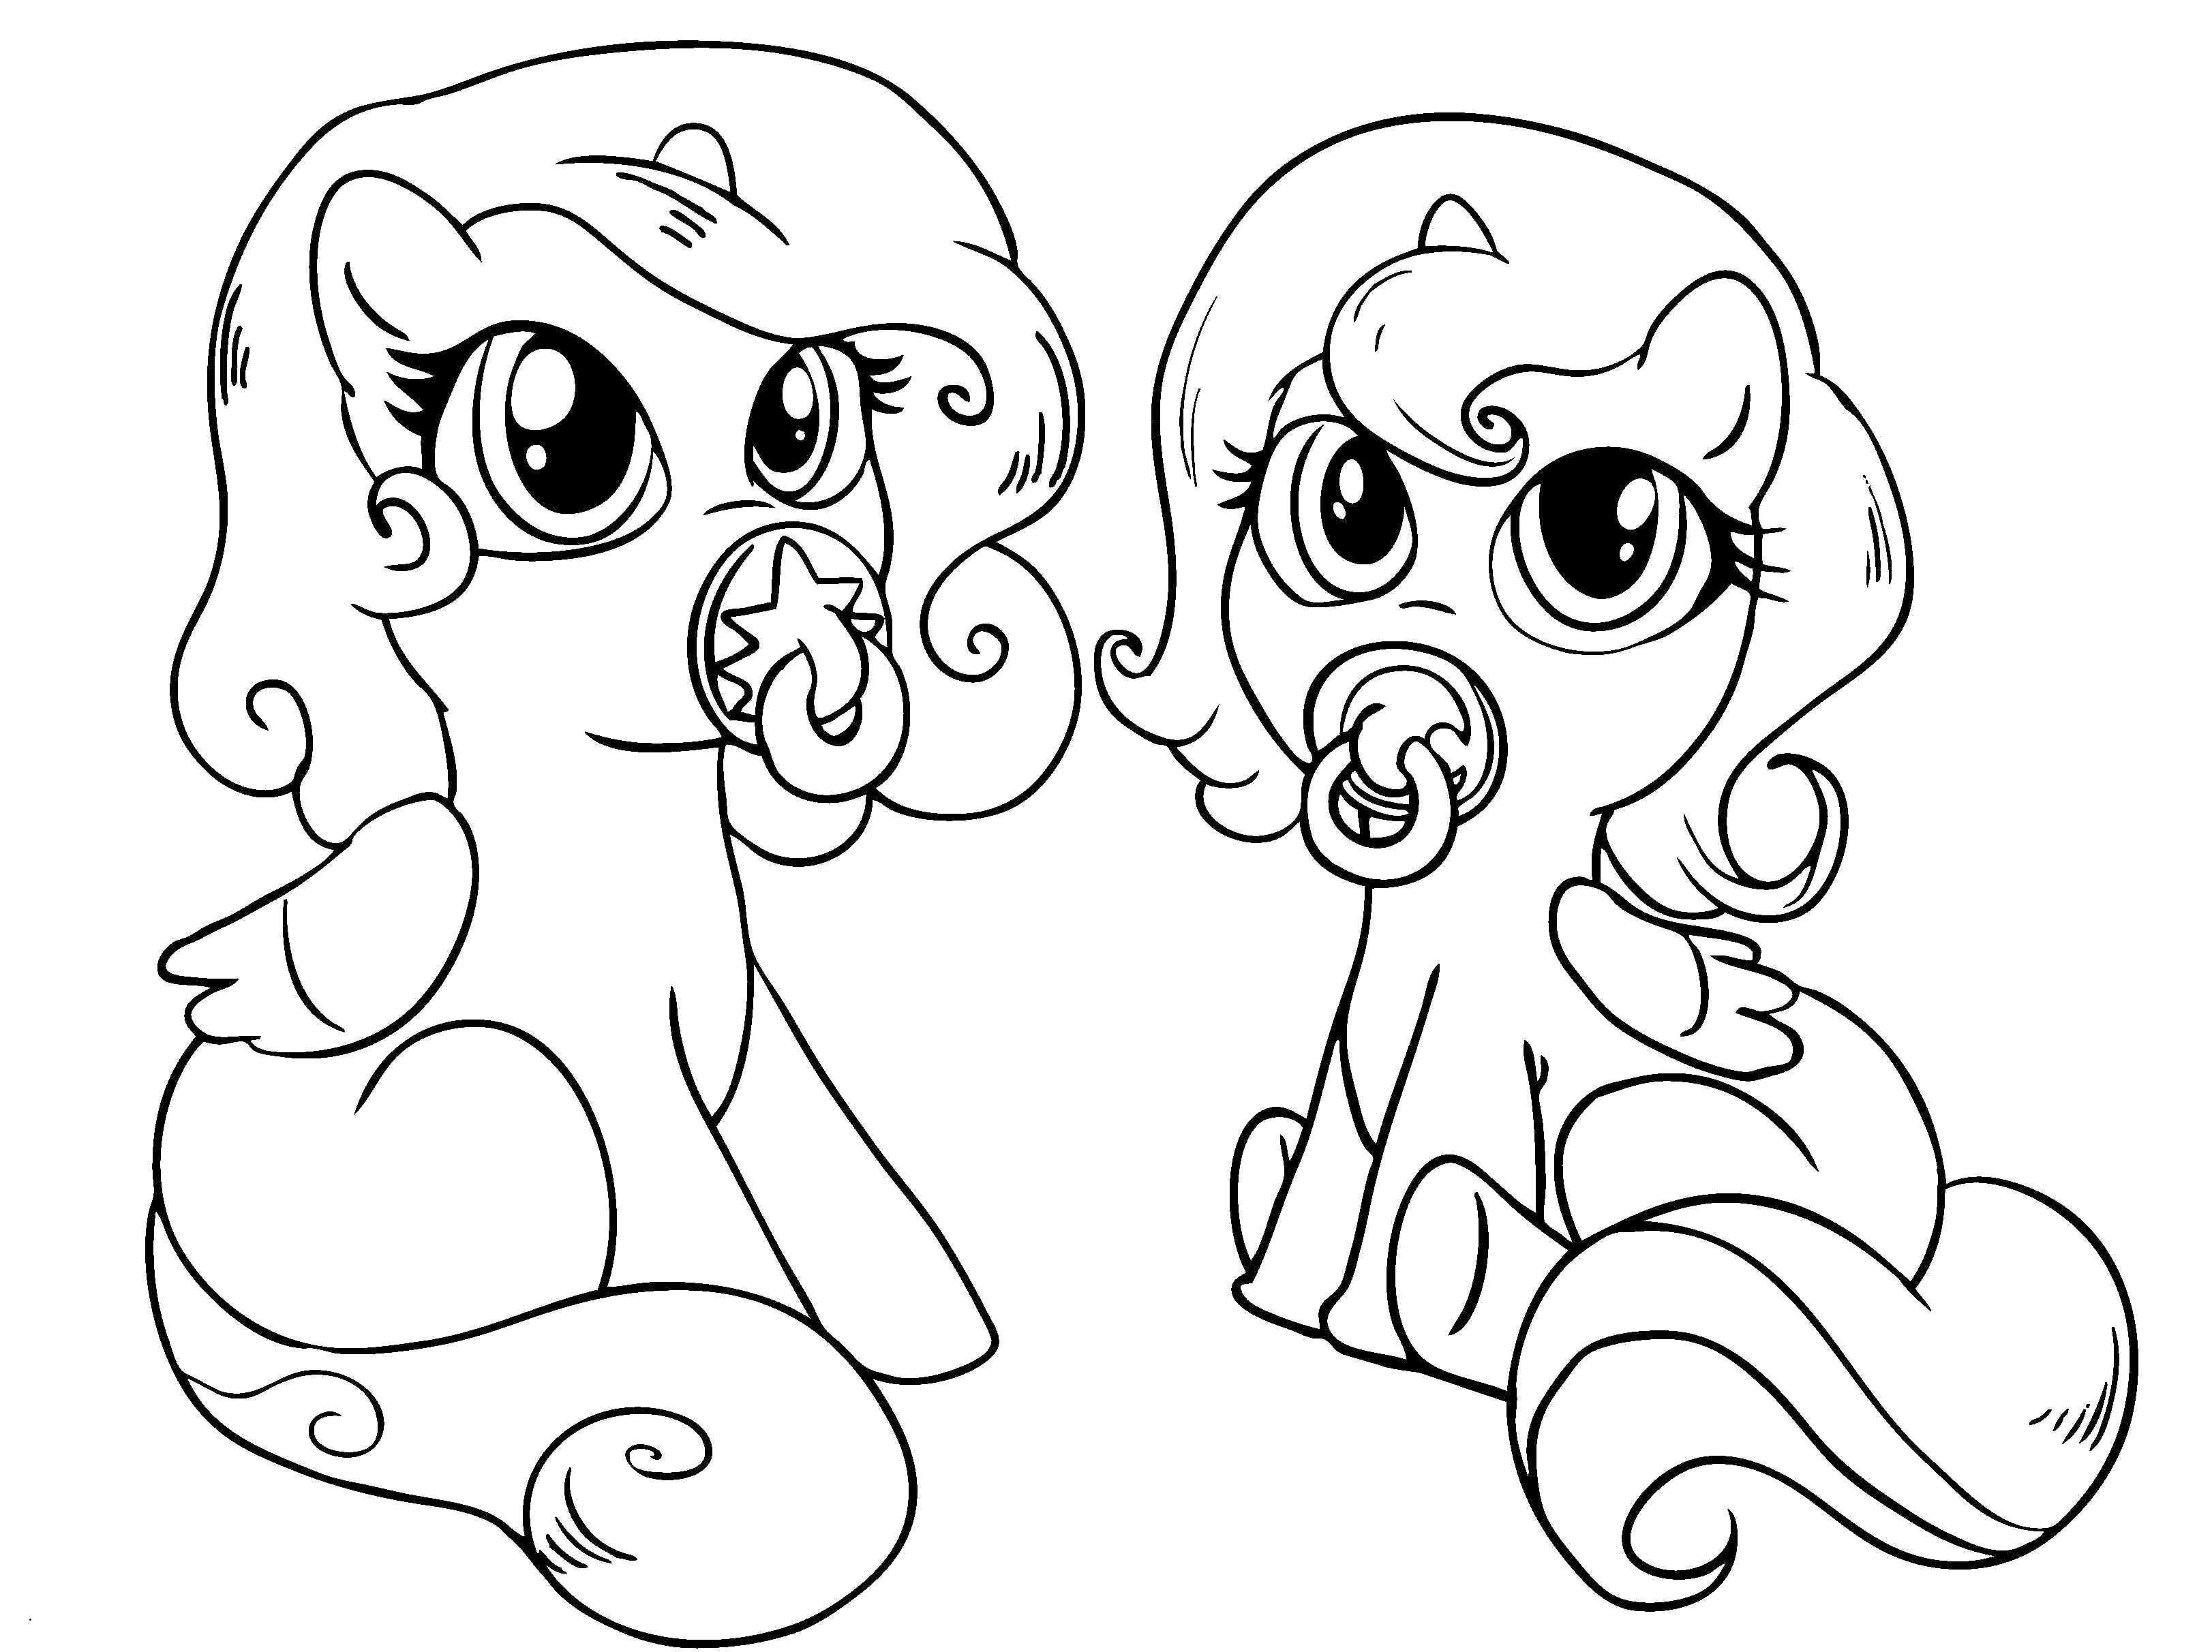 My Little Pony Ausmalbilder Kostenlos Inspirierend 48 Skizze My Little Pony Ausmalbilder Luna Treehouse Nyc Bild